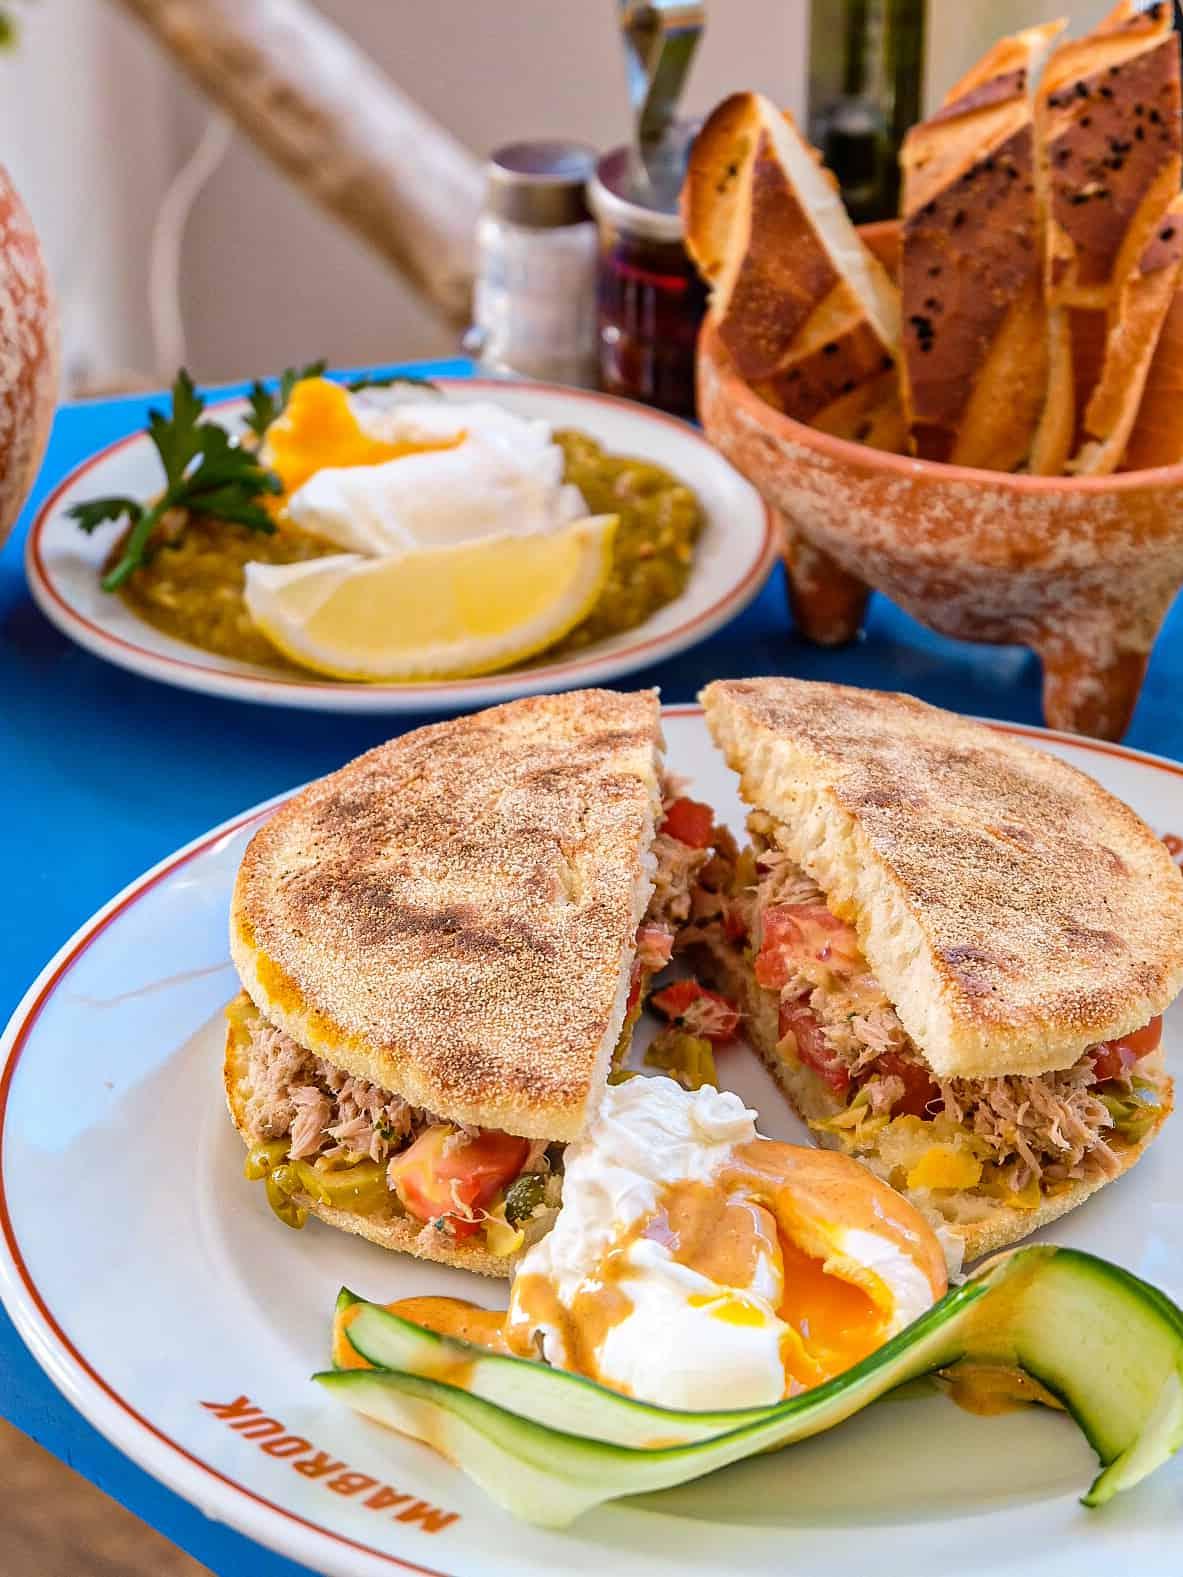 mabrouk-restaurant-tunisien-casse-croute-paris-3